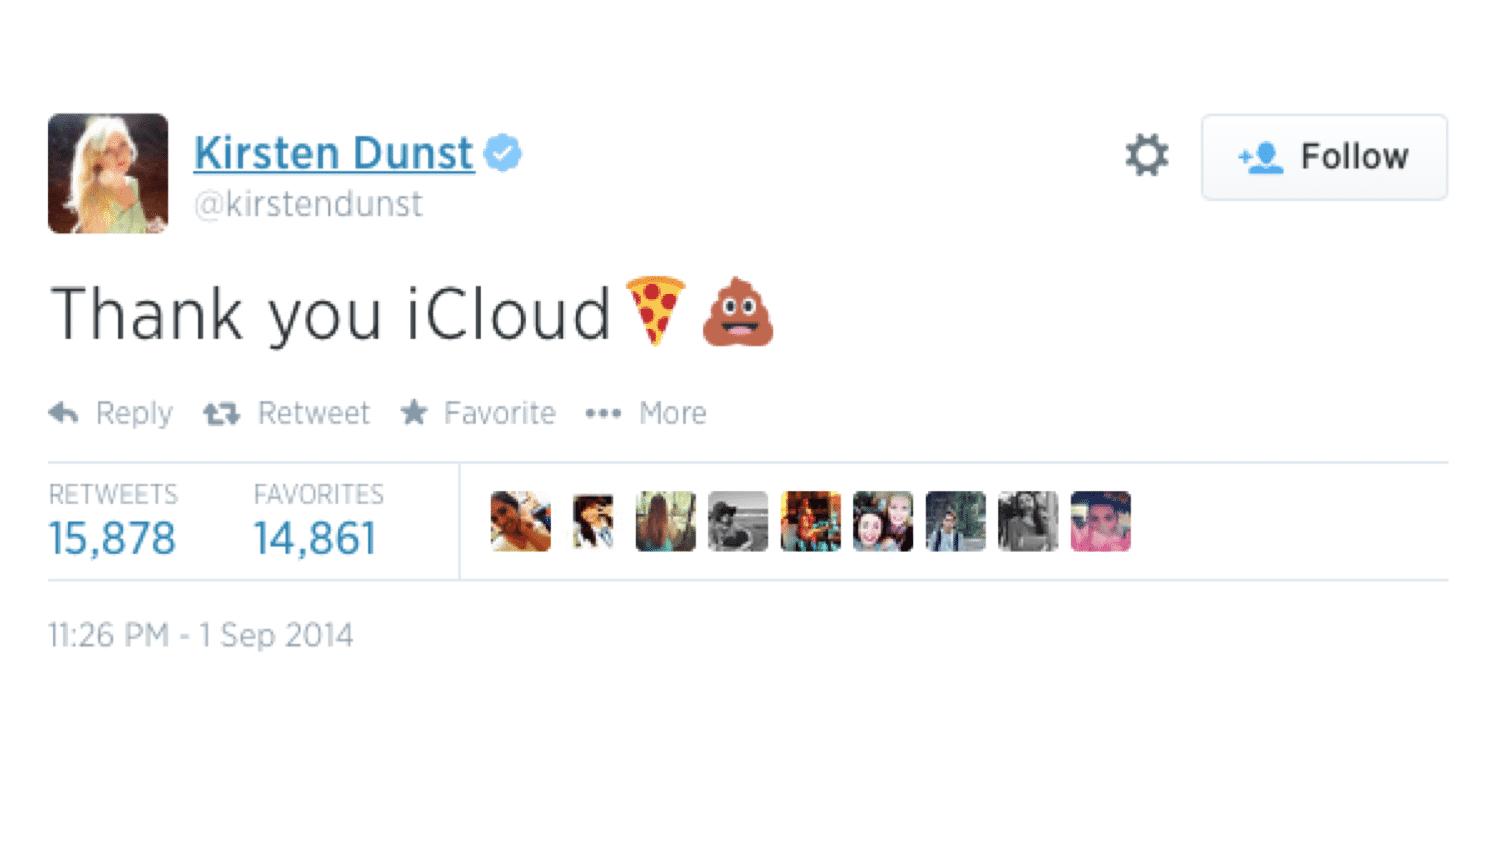 Thank you iCloud